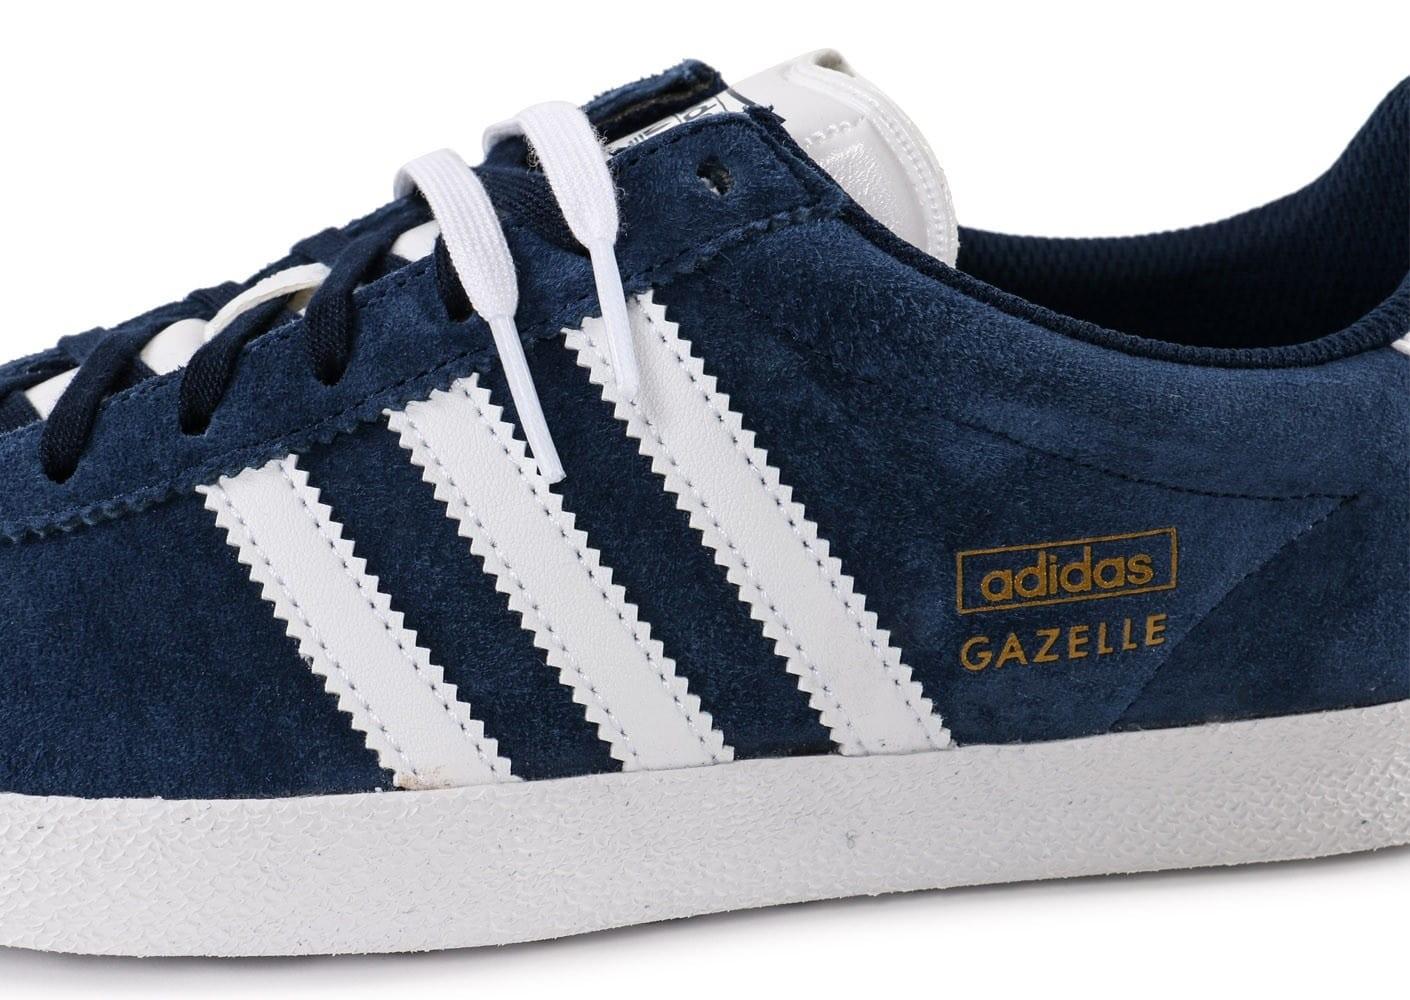 adidas gazelle homme chausport